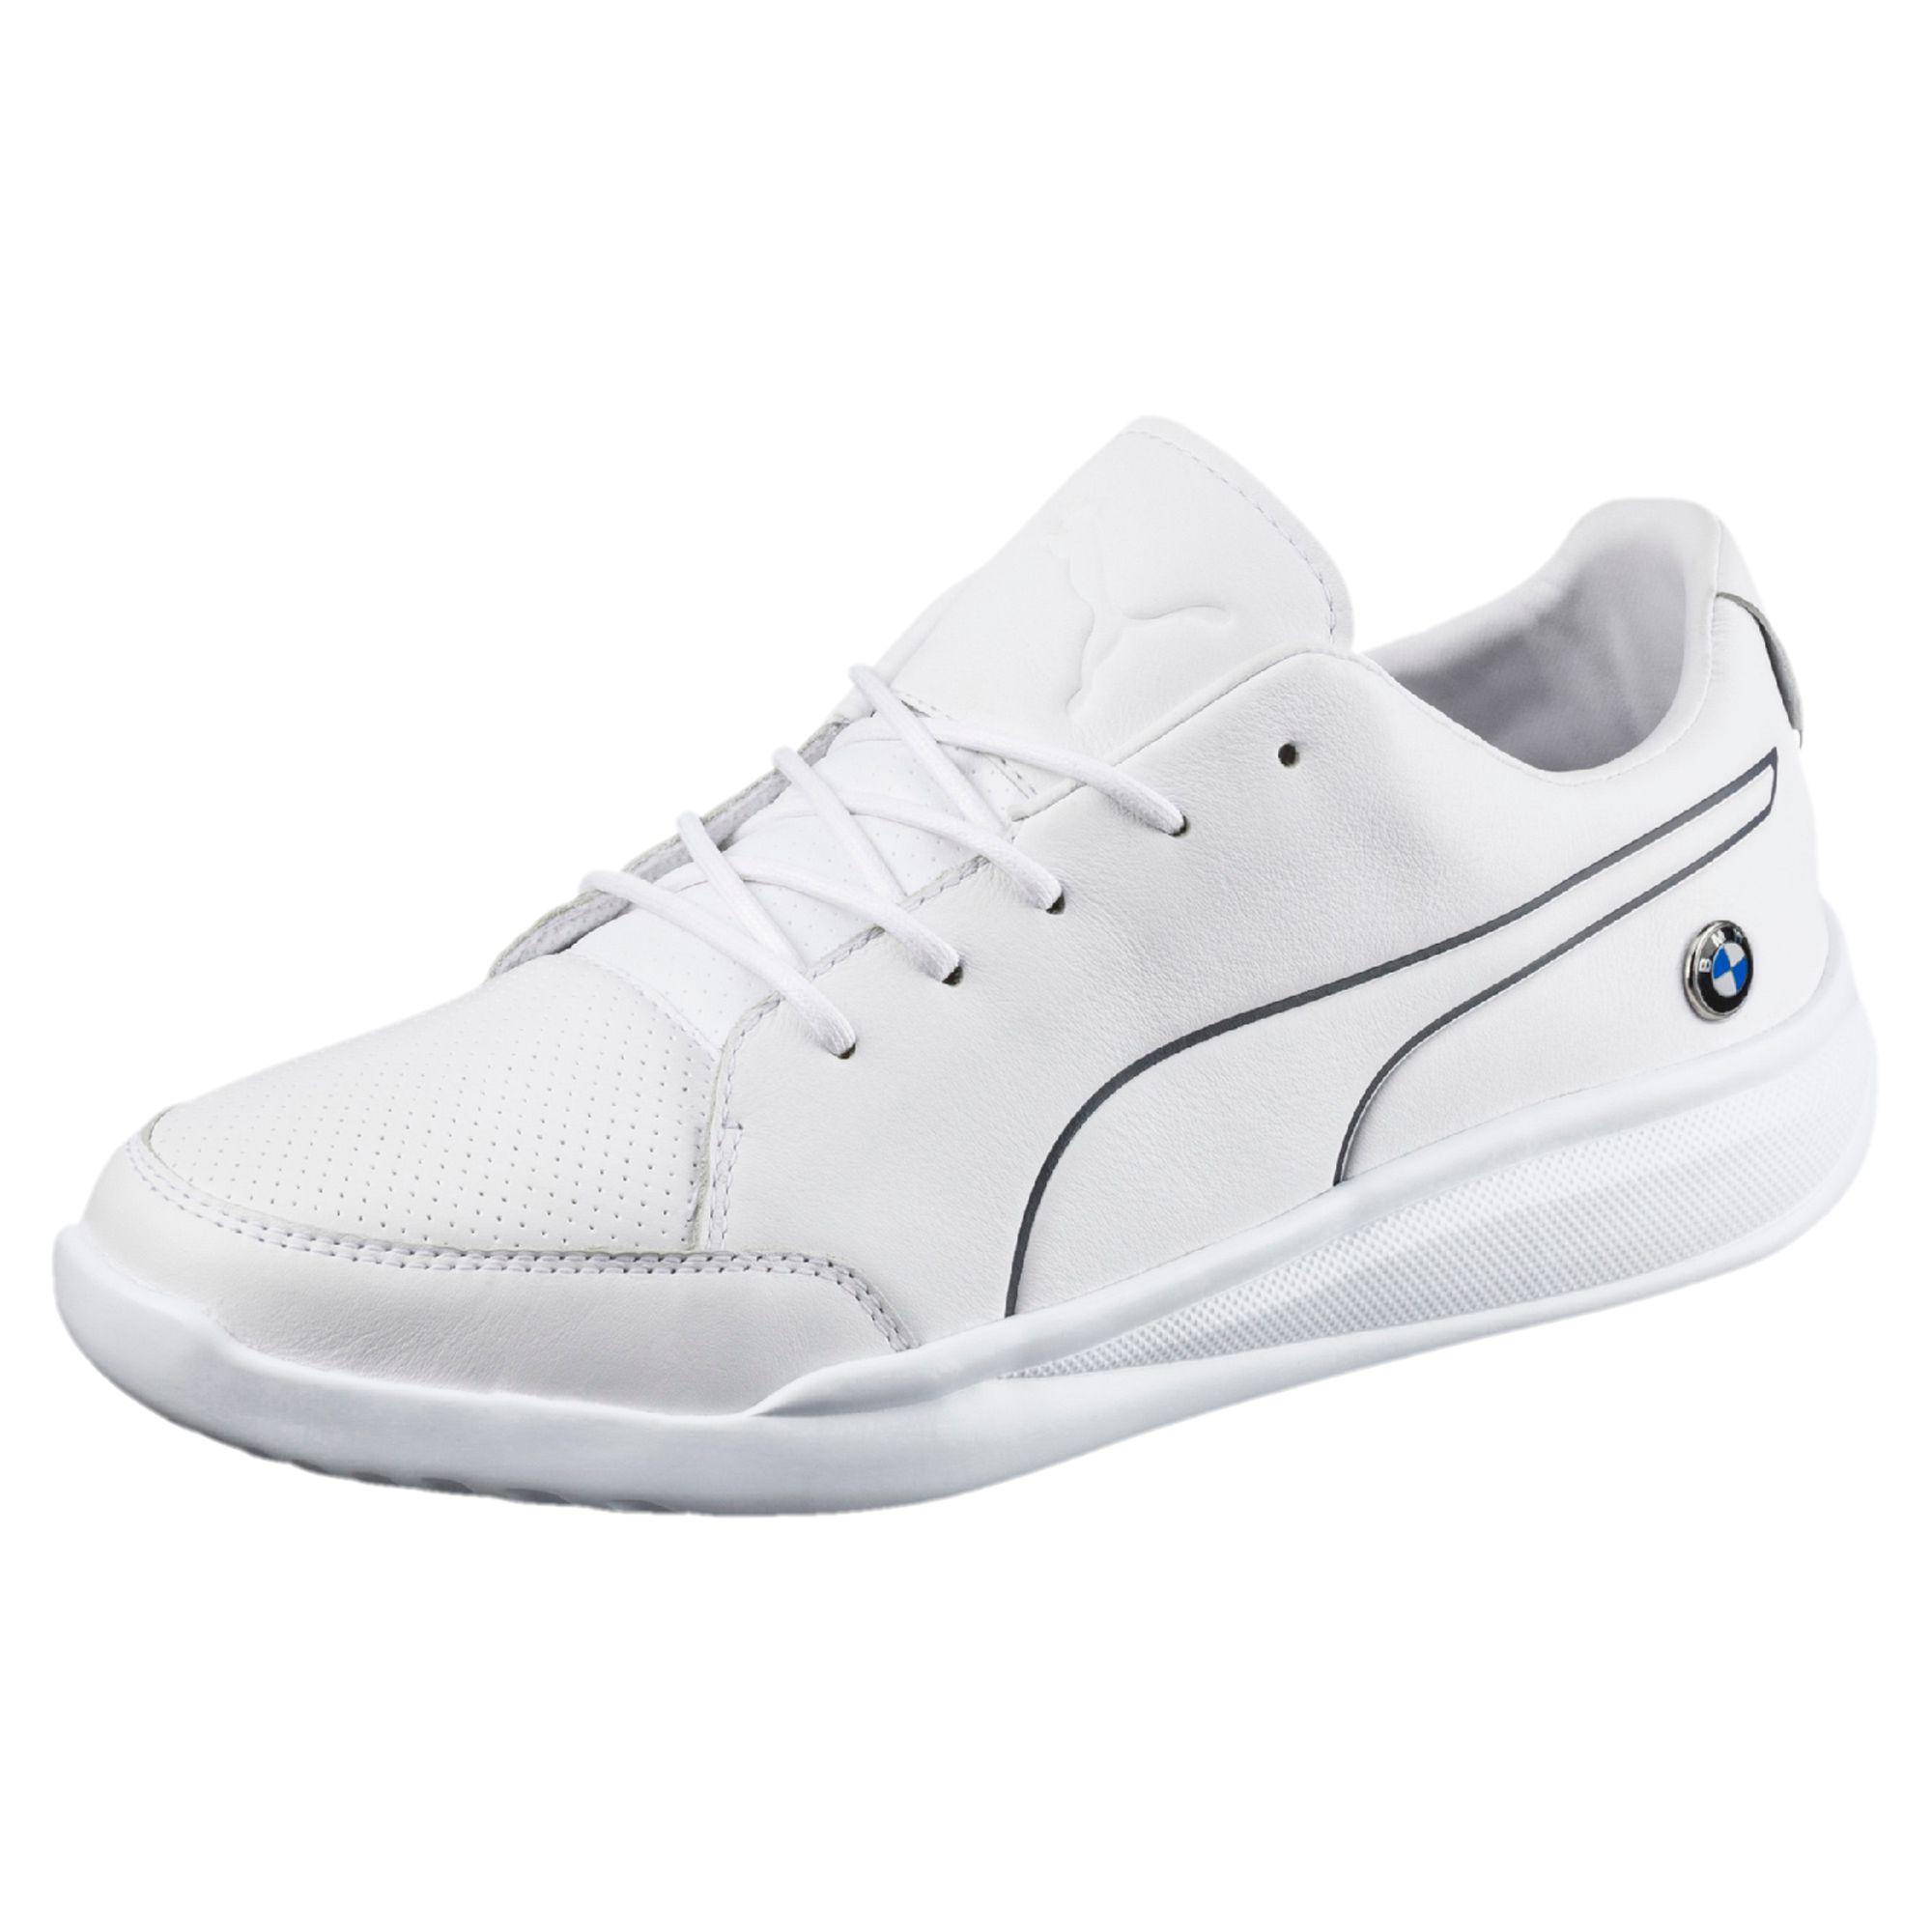 BMW Motorsport повседневные мужские кроссовки